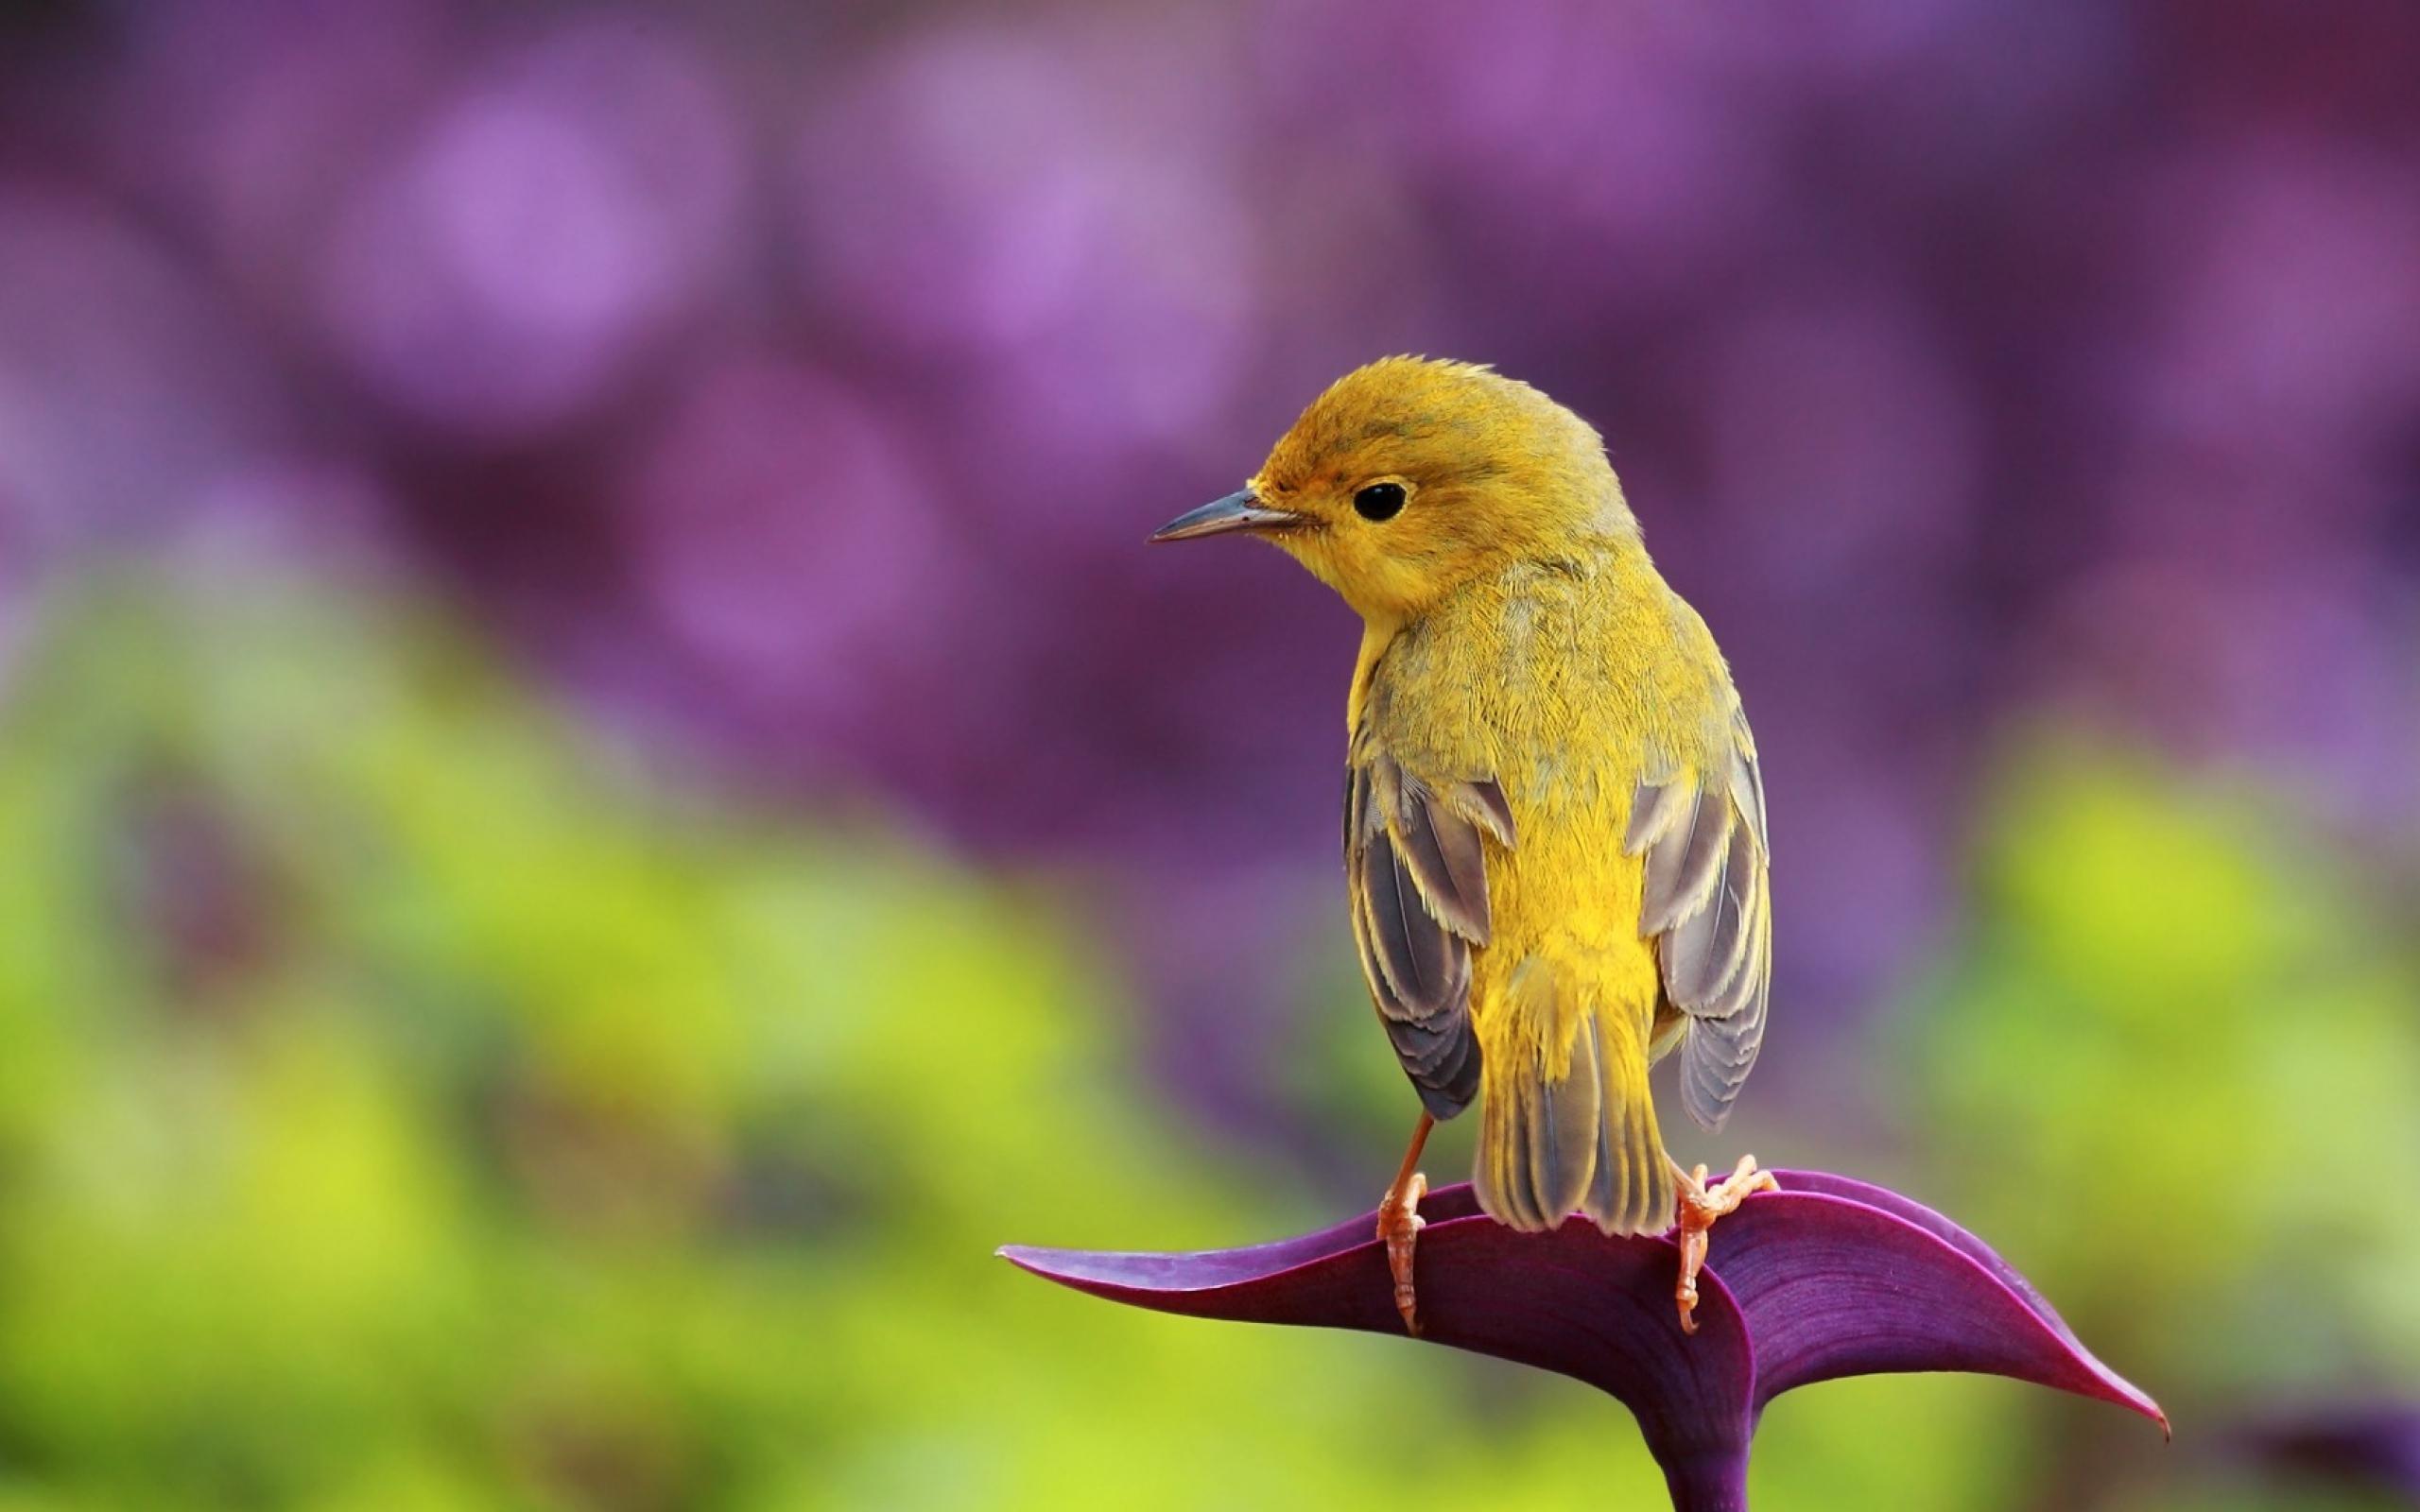 بالصور صور طيور , صور طيور غاية فى الجمال والروعة 131 2